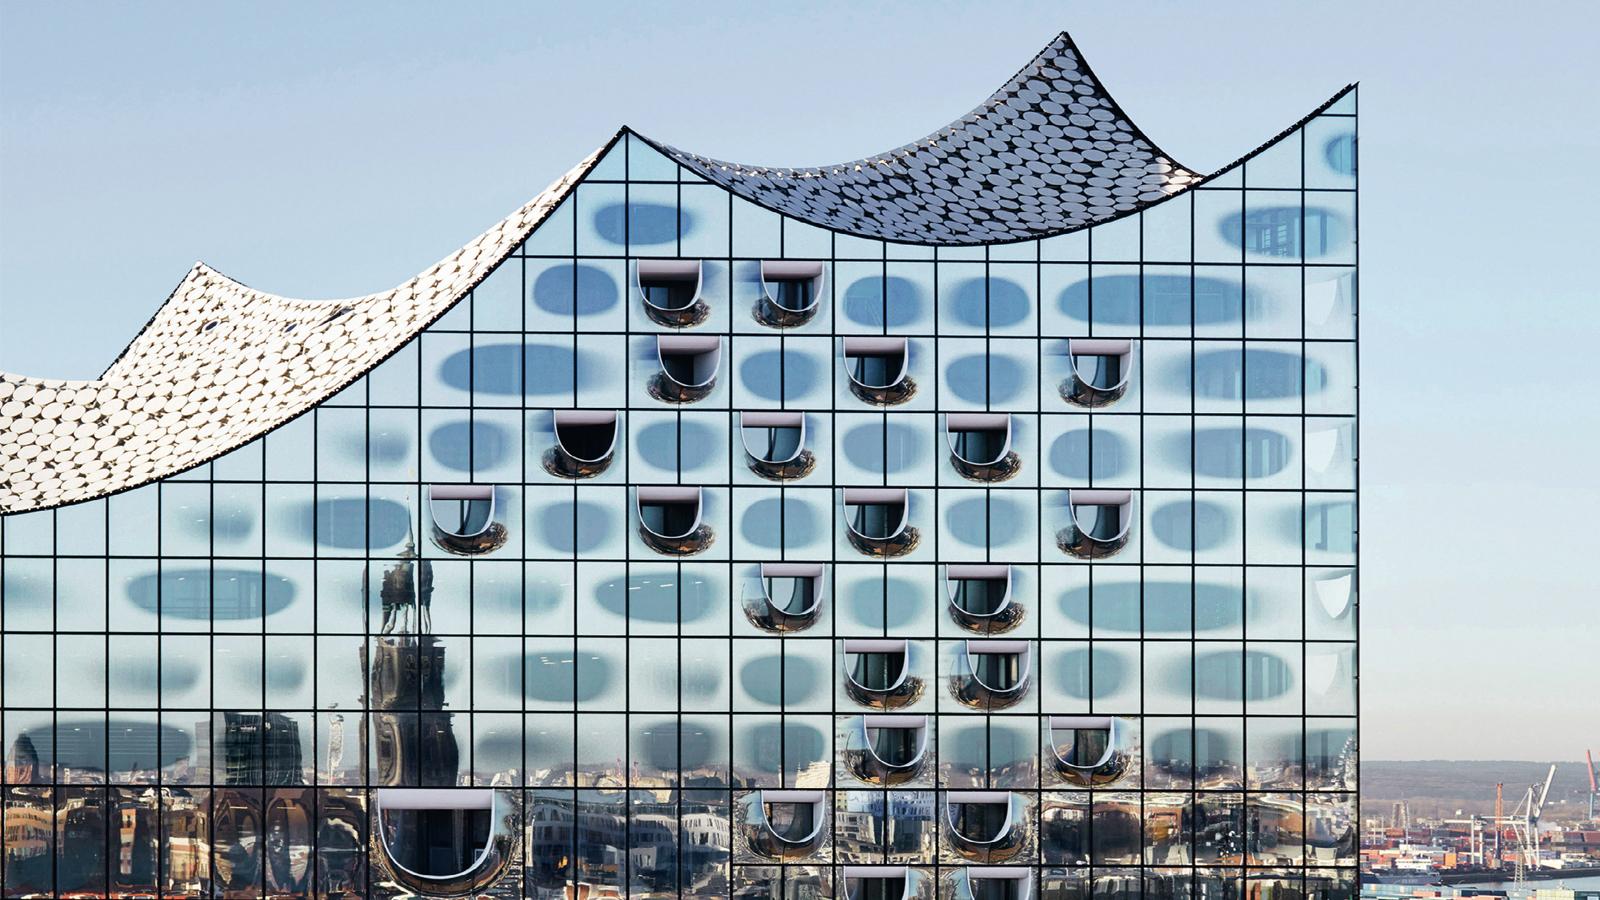 2016 in Twelve Buildings